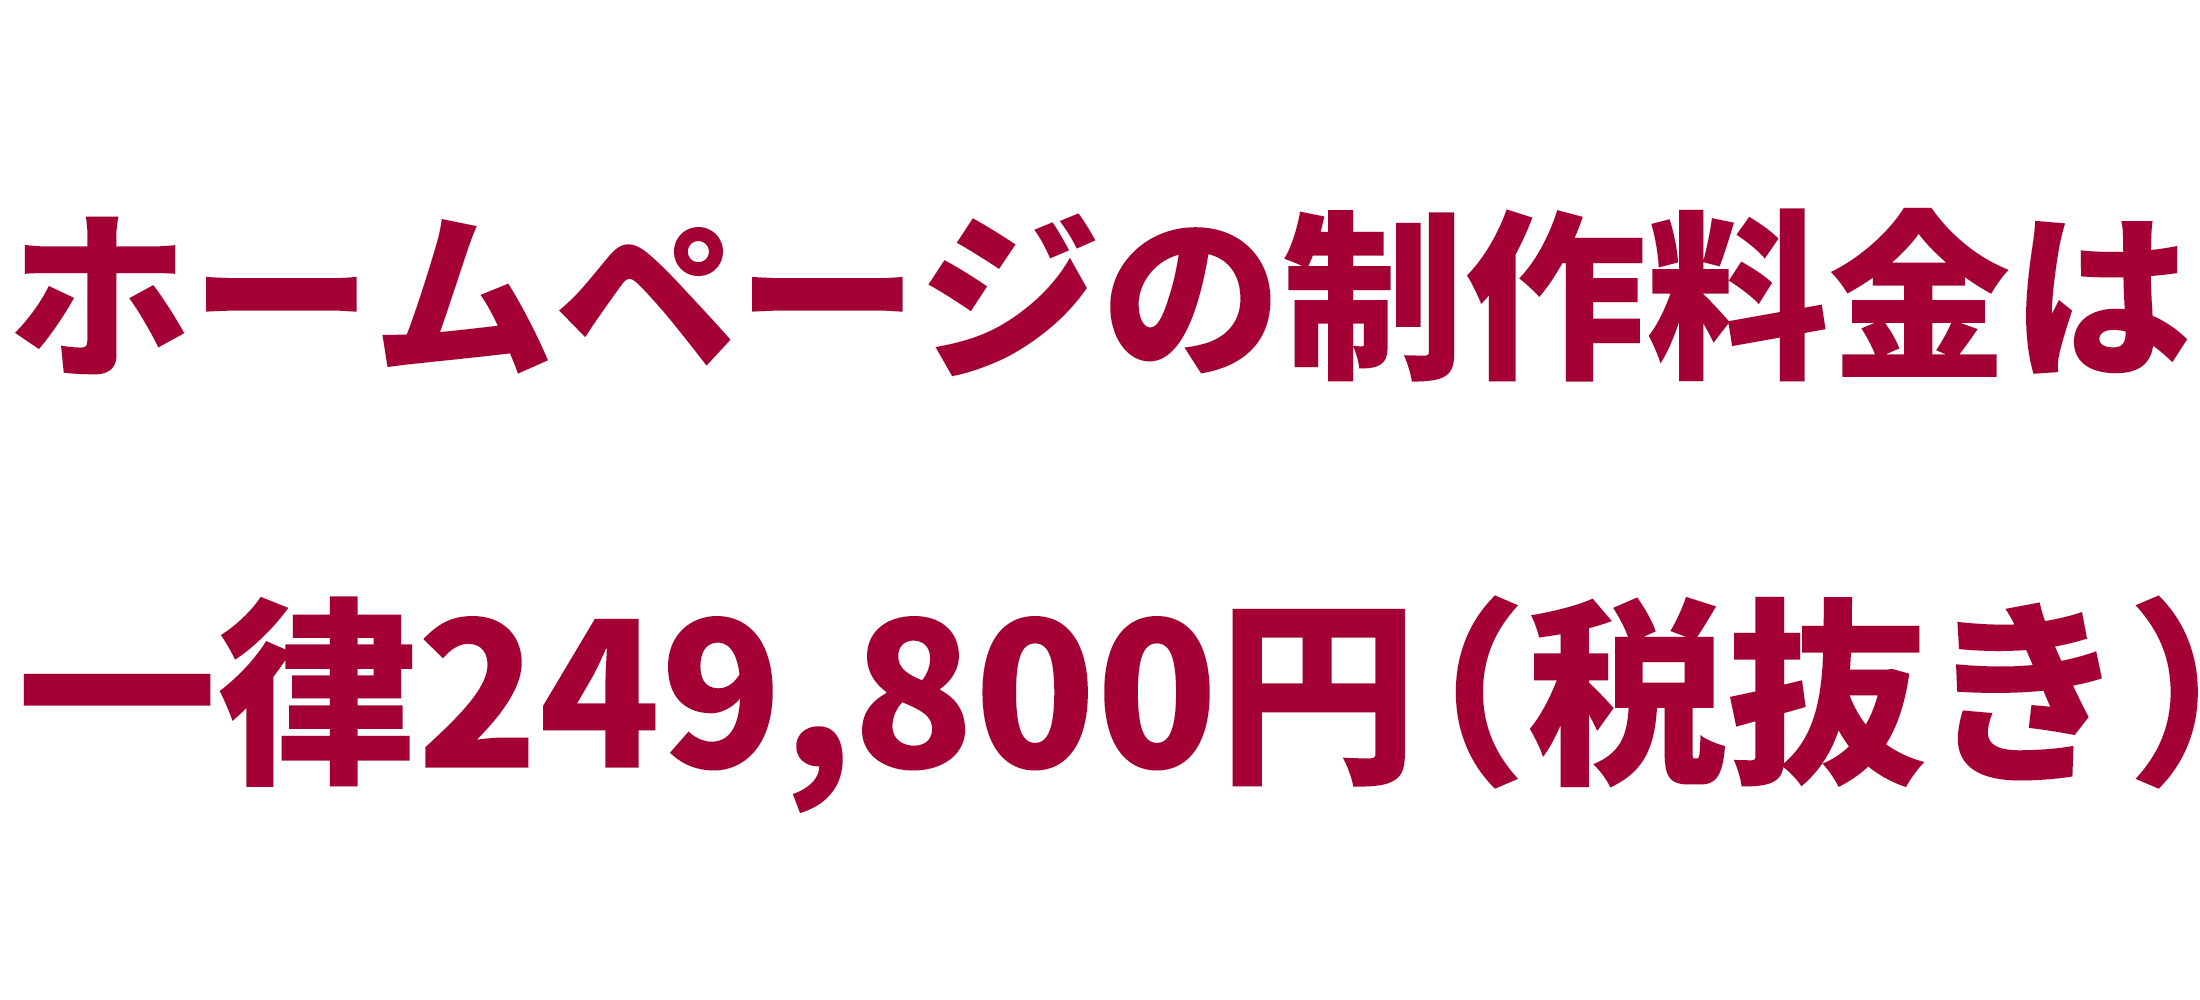 ホームページの制作料金は一律249,800円です。